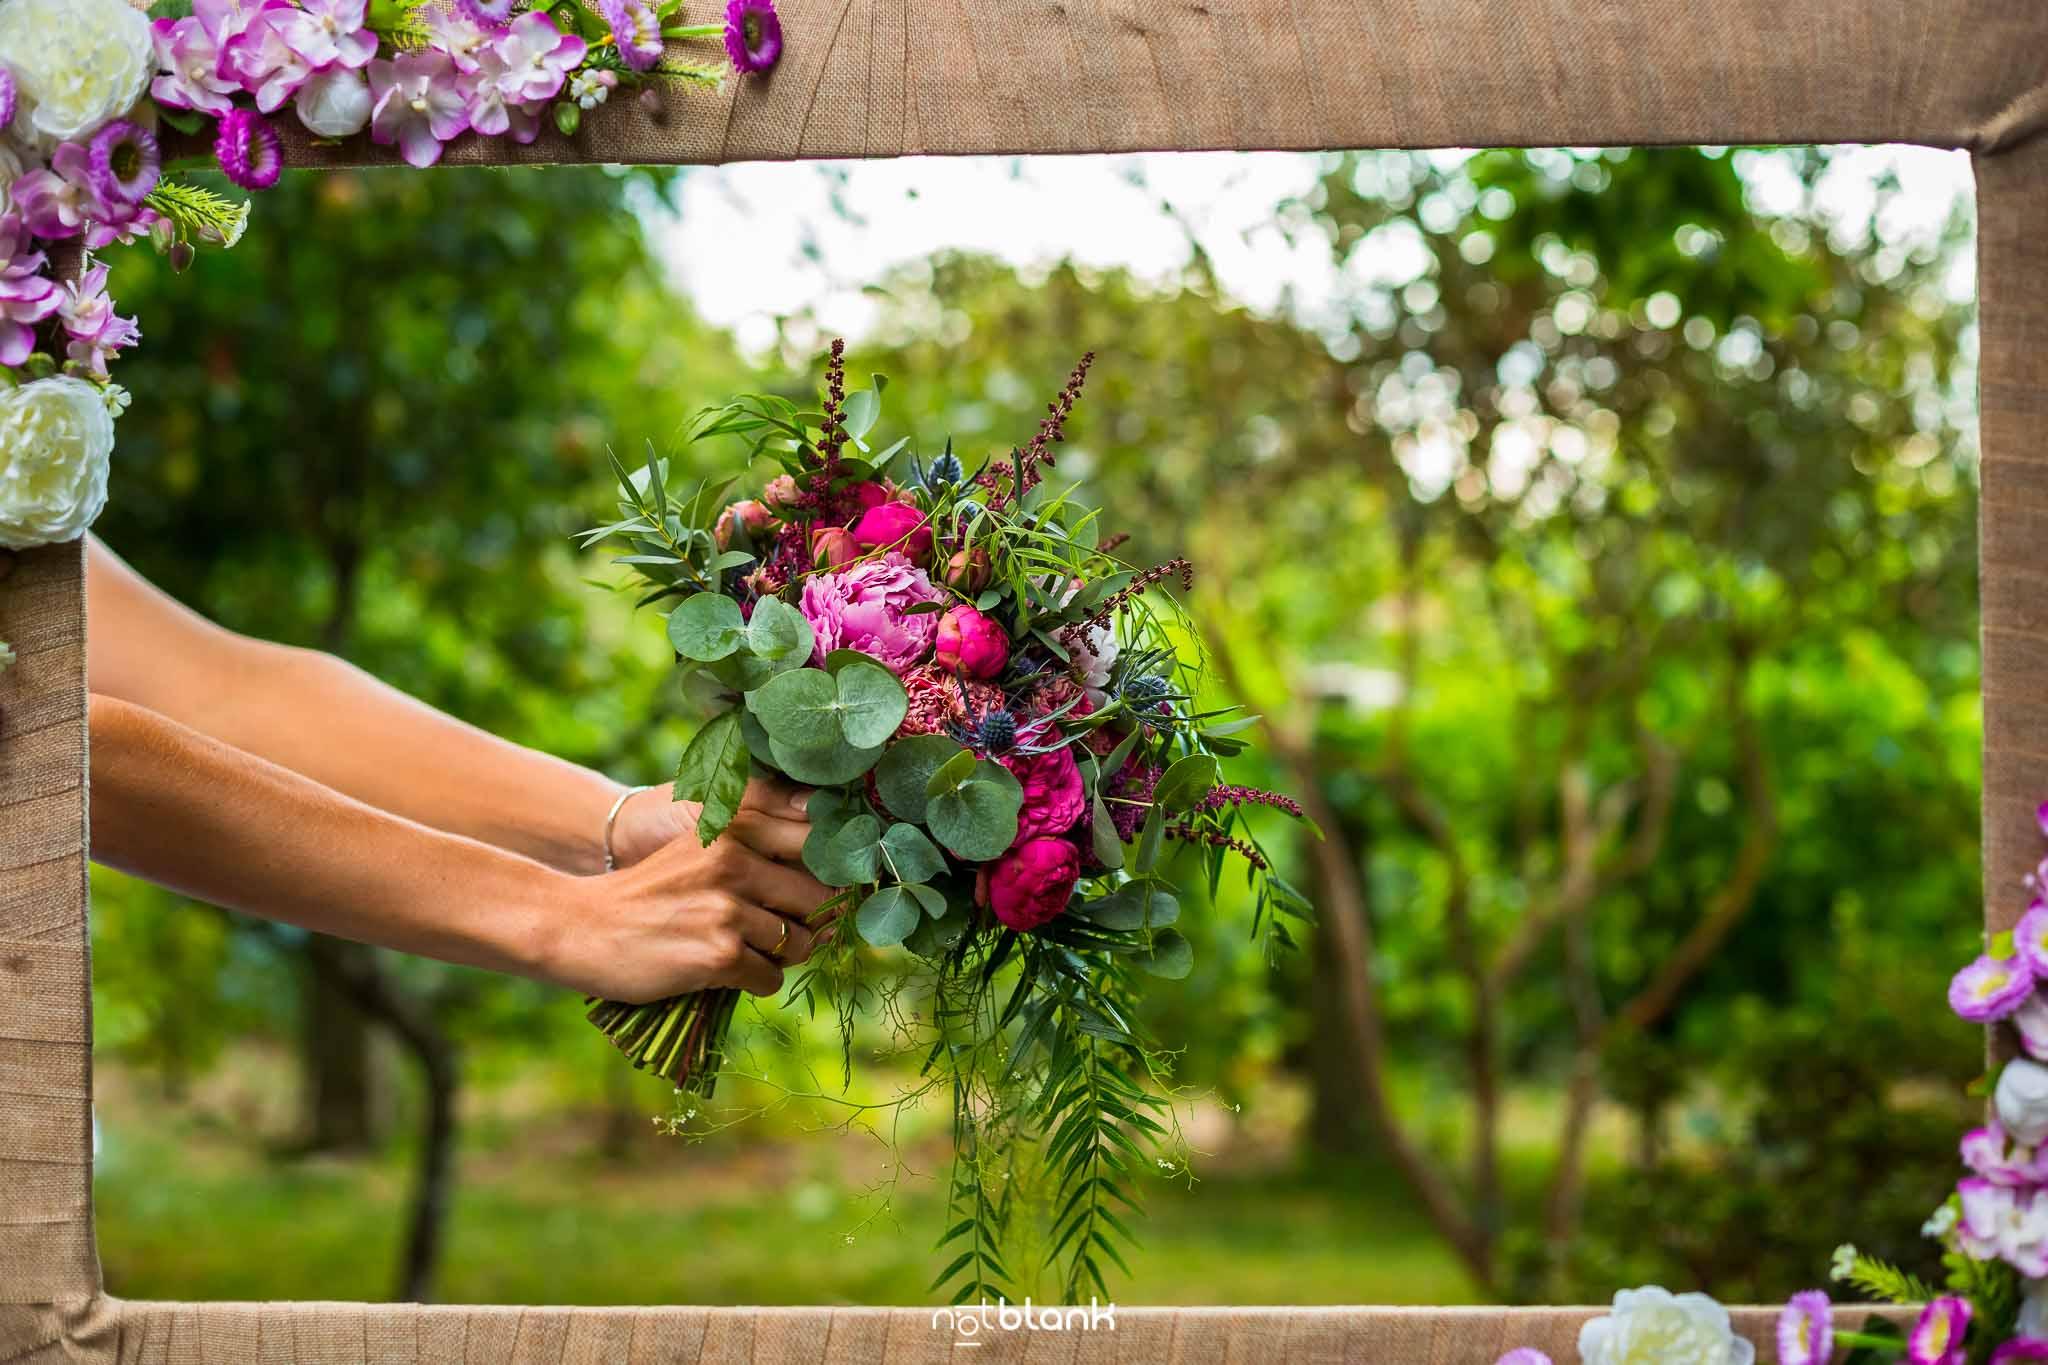 Boda En El Jardin De Casa Jana y Fran - El ramo de la novia - Notblank Fotografos de boda